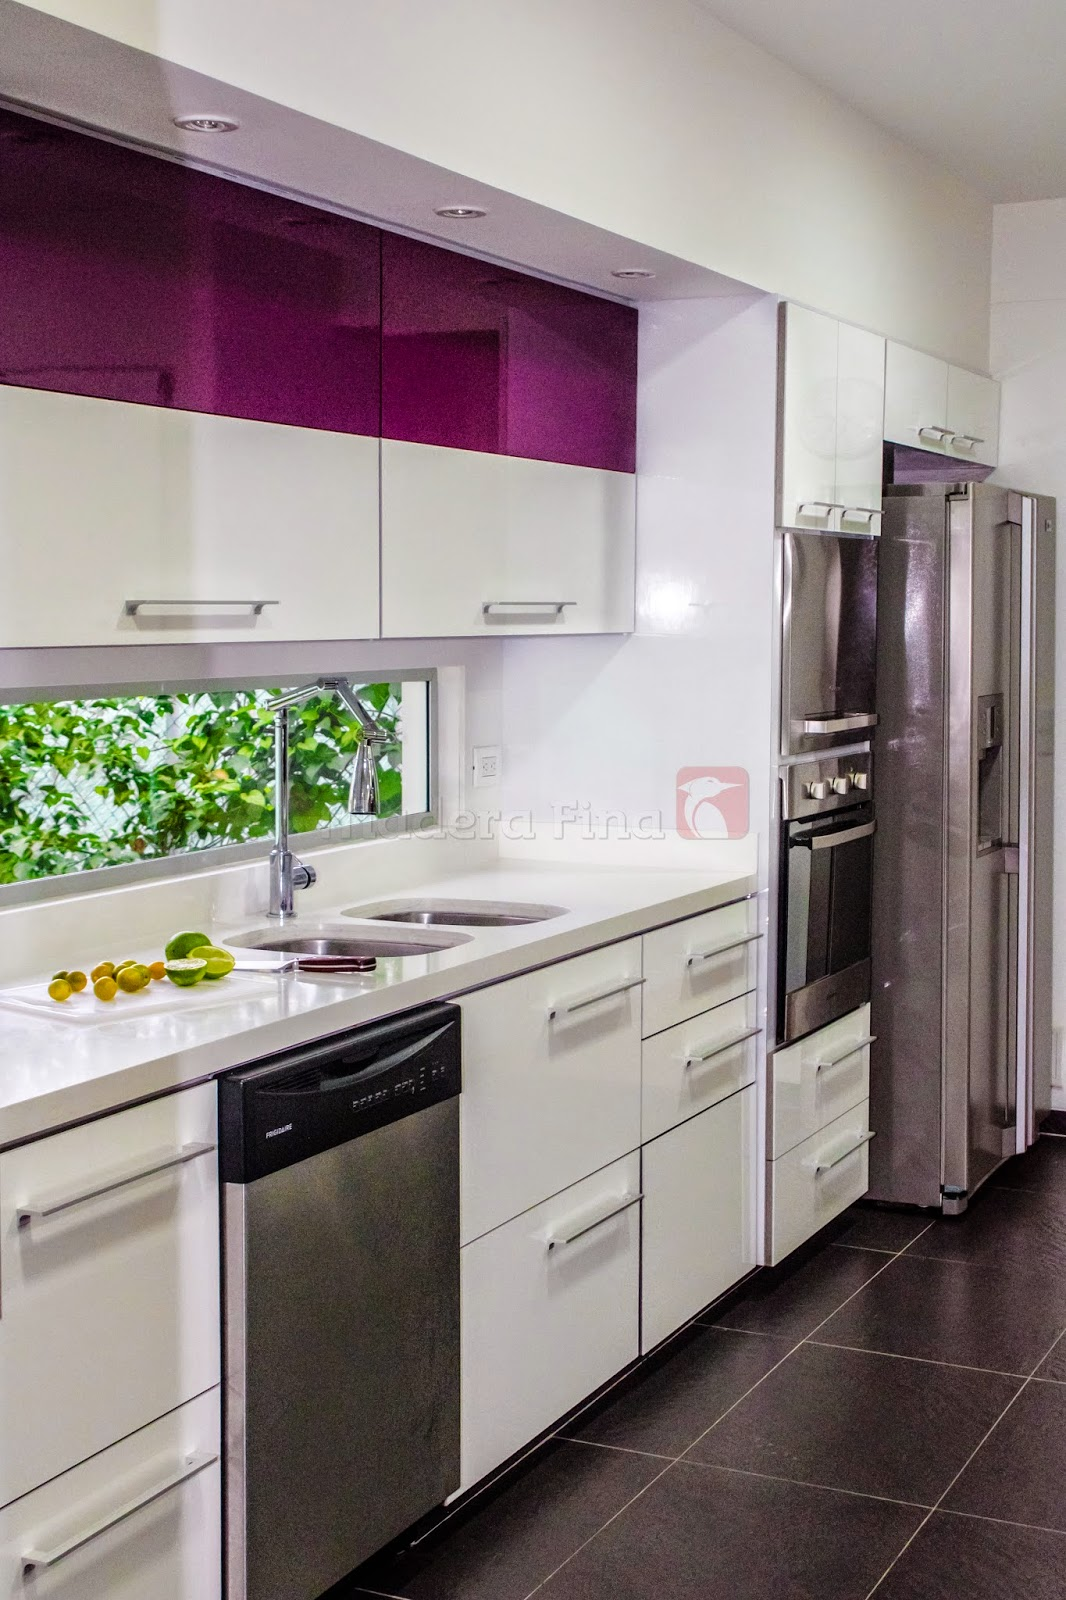 Cocina moderna en pereira morado y blanco cocinas for Cocinas modernas